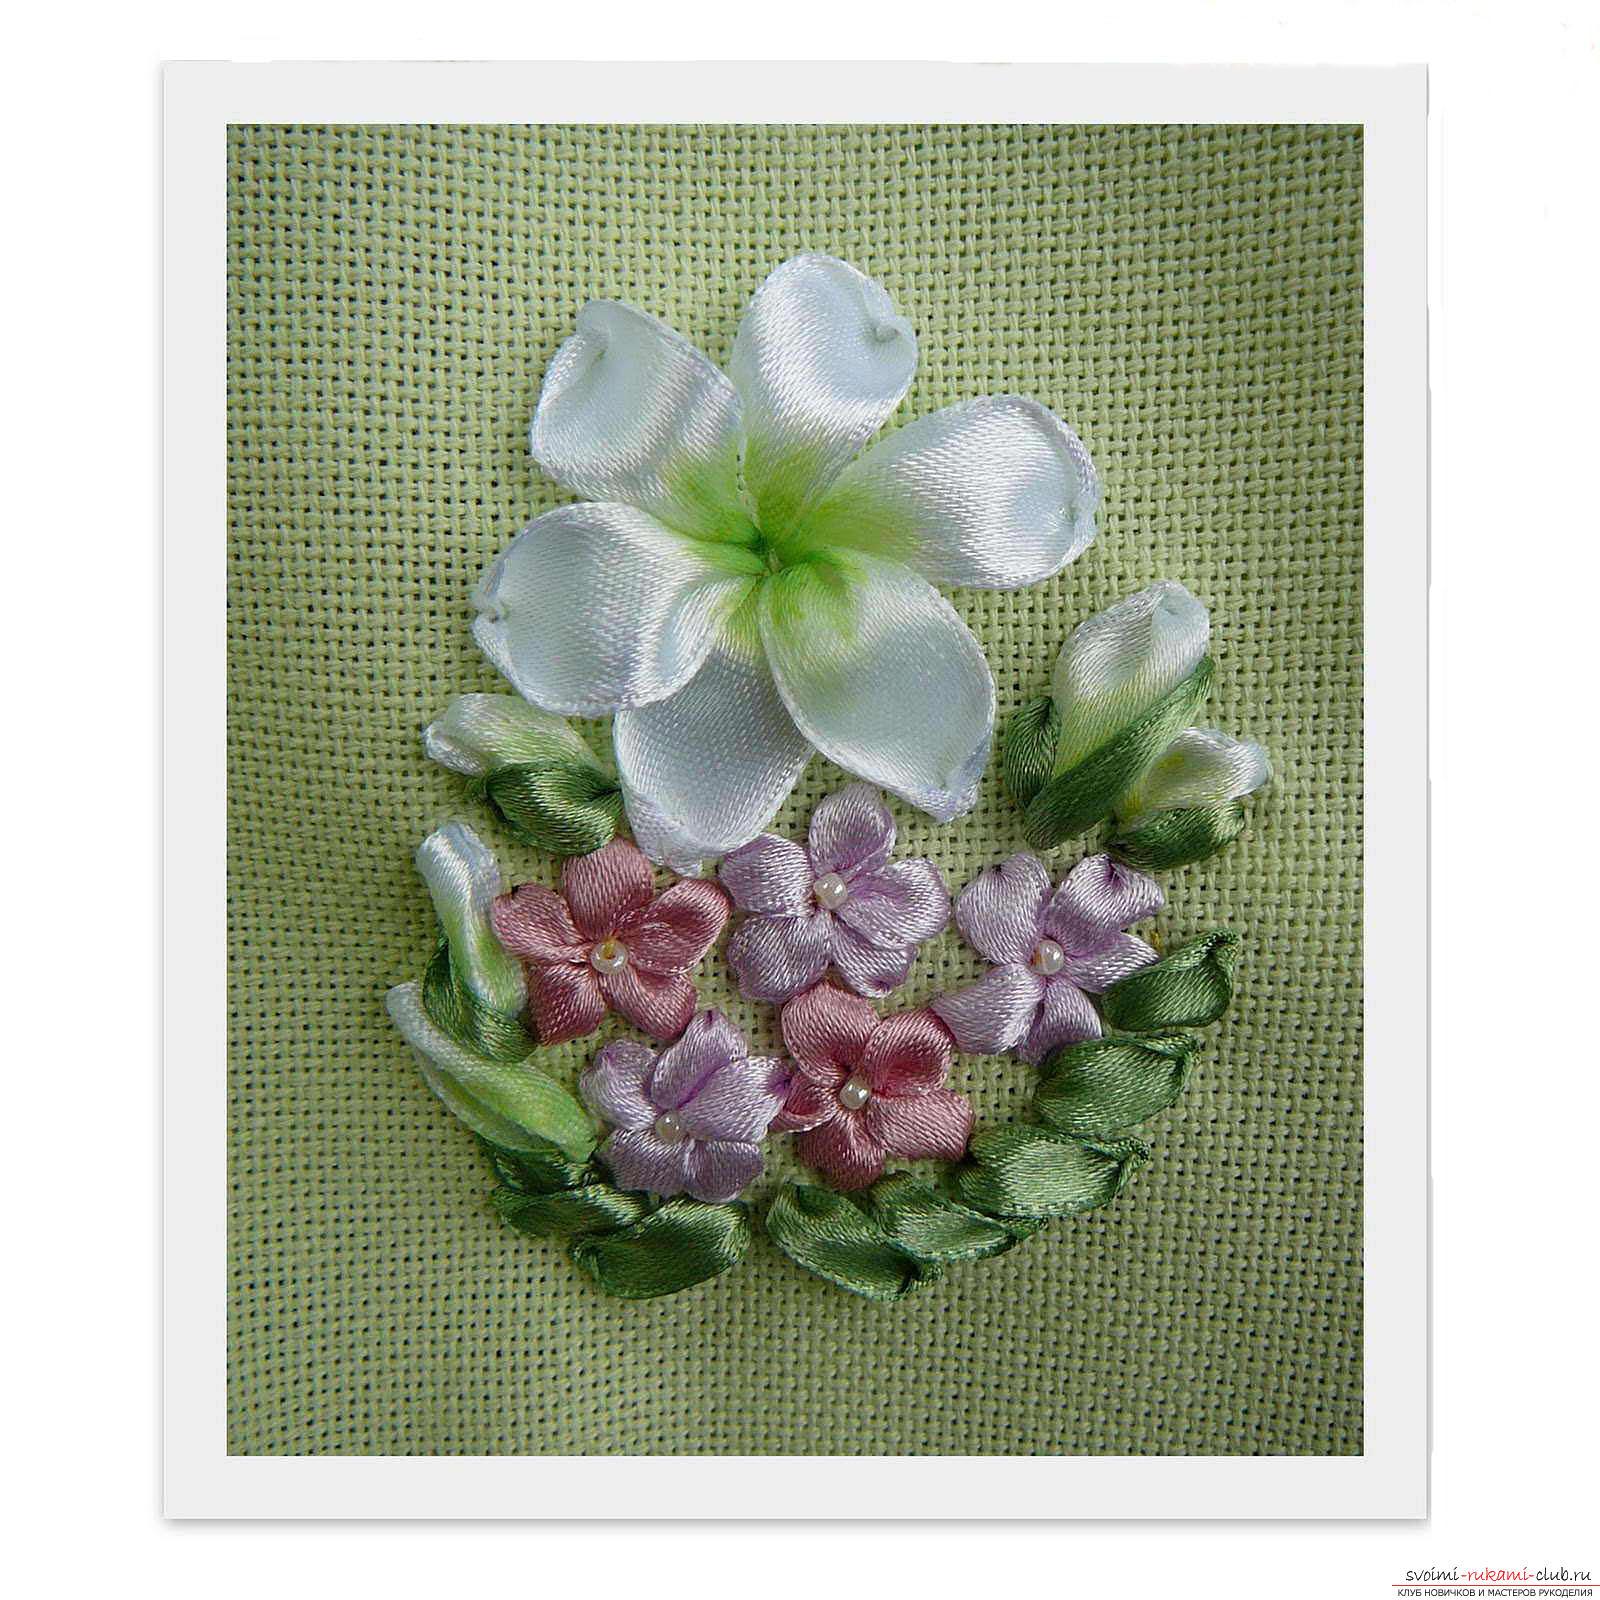 Вышивка лентами белых лилий. Фото №7